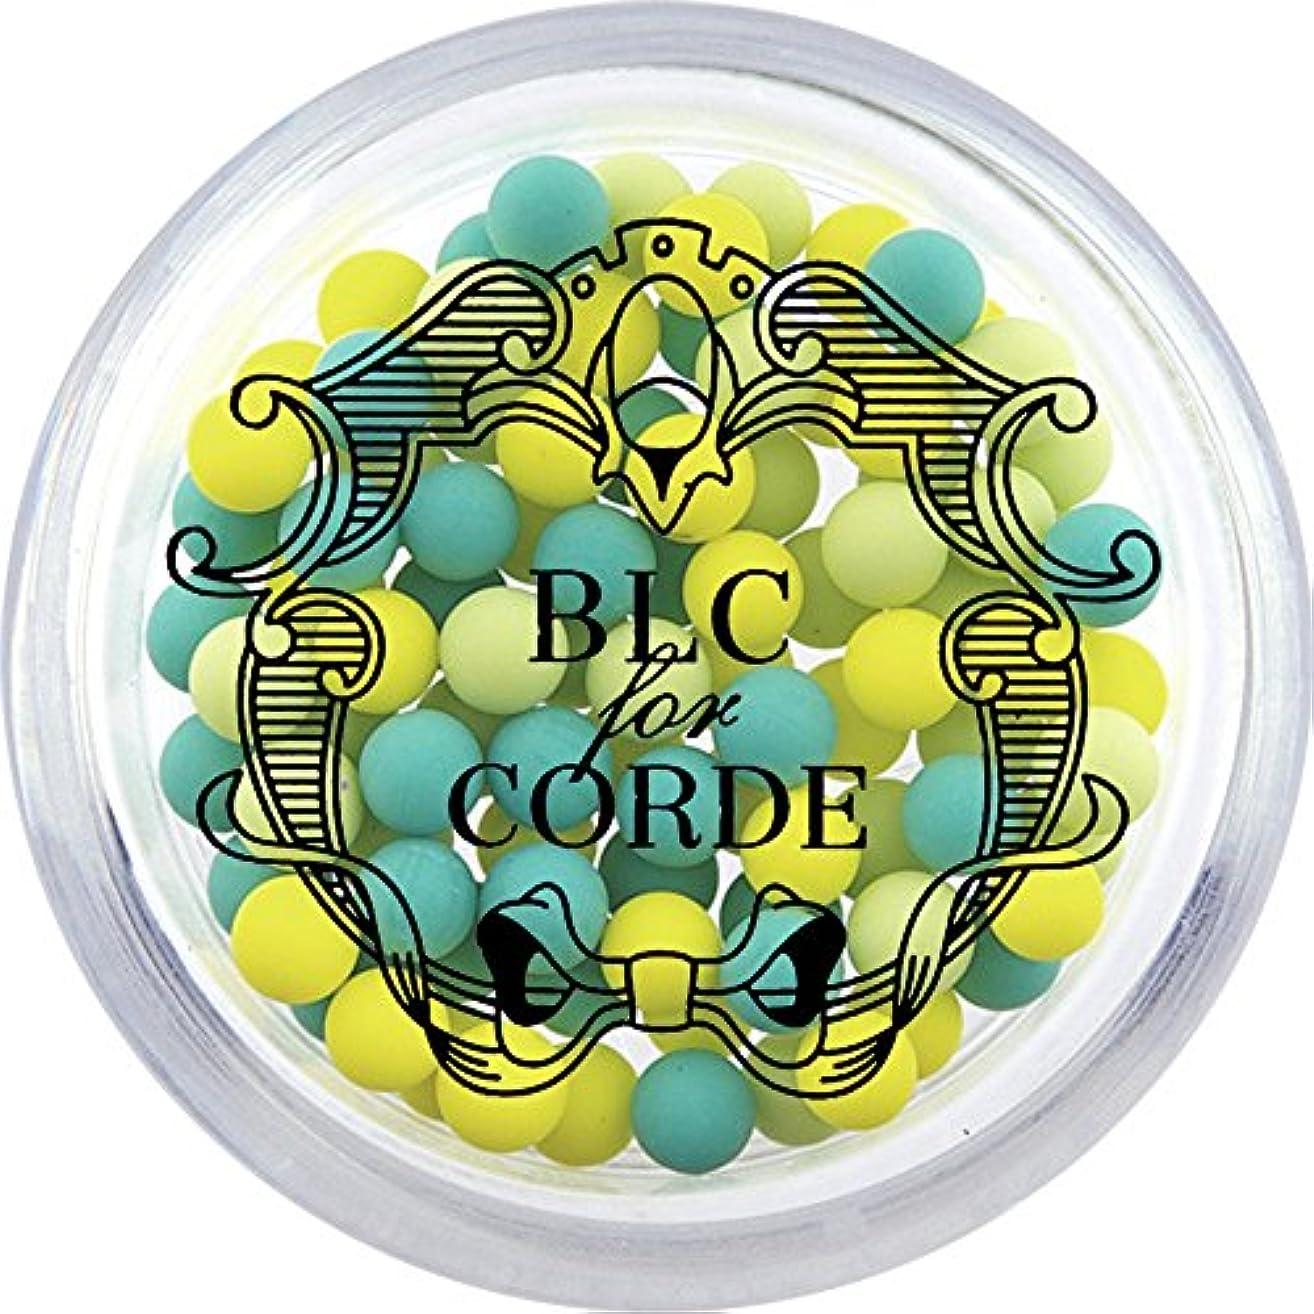 一致やりがいのある斧BLC FOR CORDE ガラスブリオン イノセント